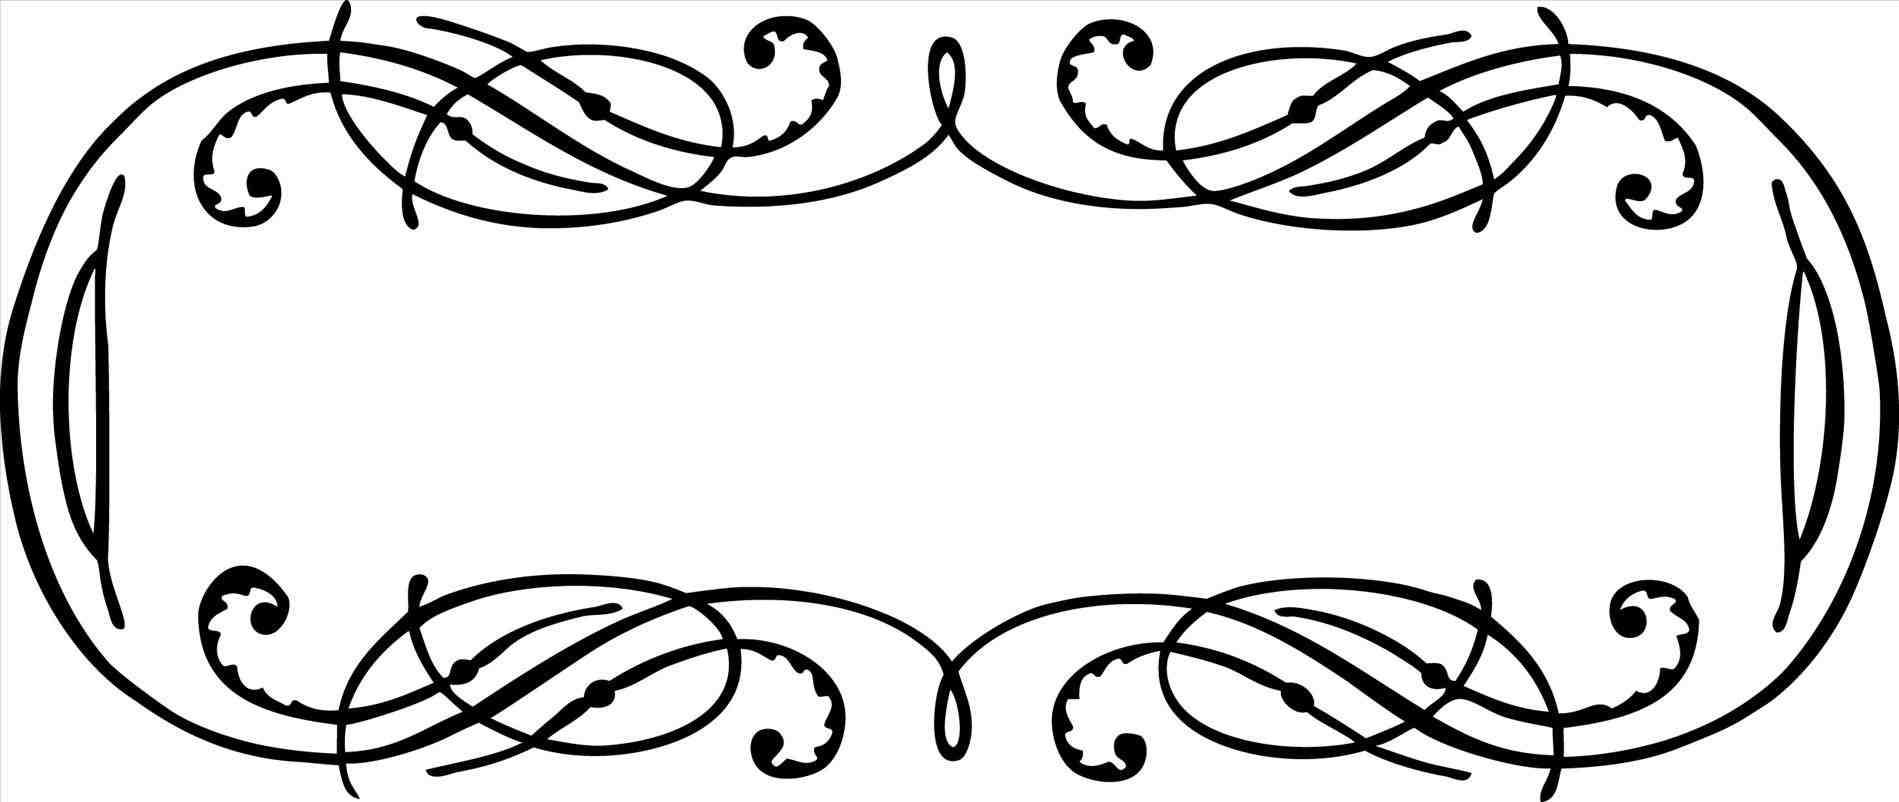 1899x802 Wedding Ring Border Clipart